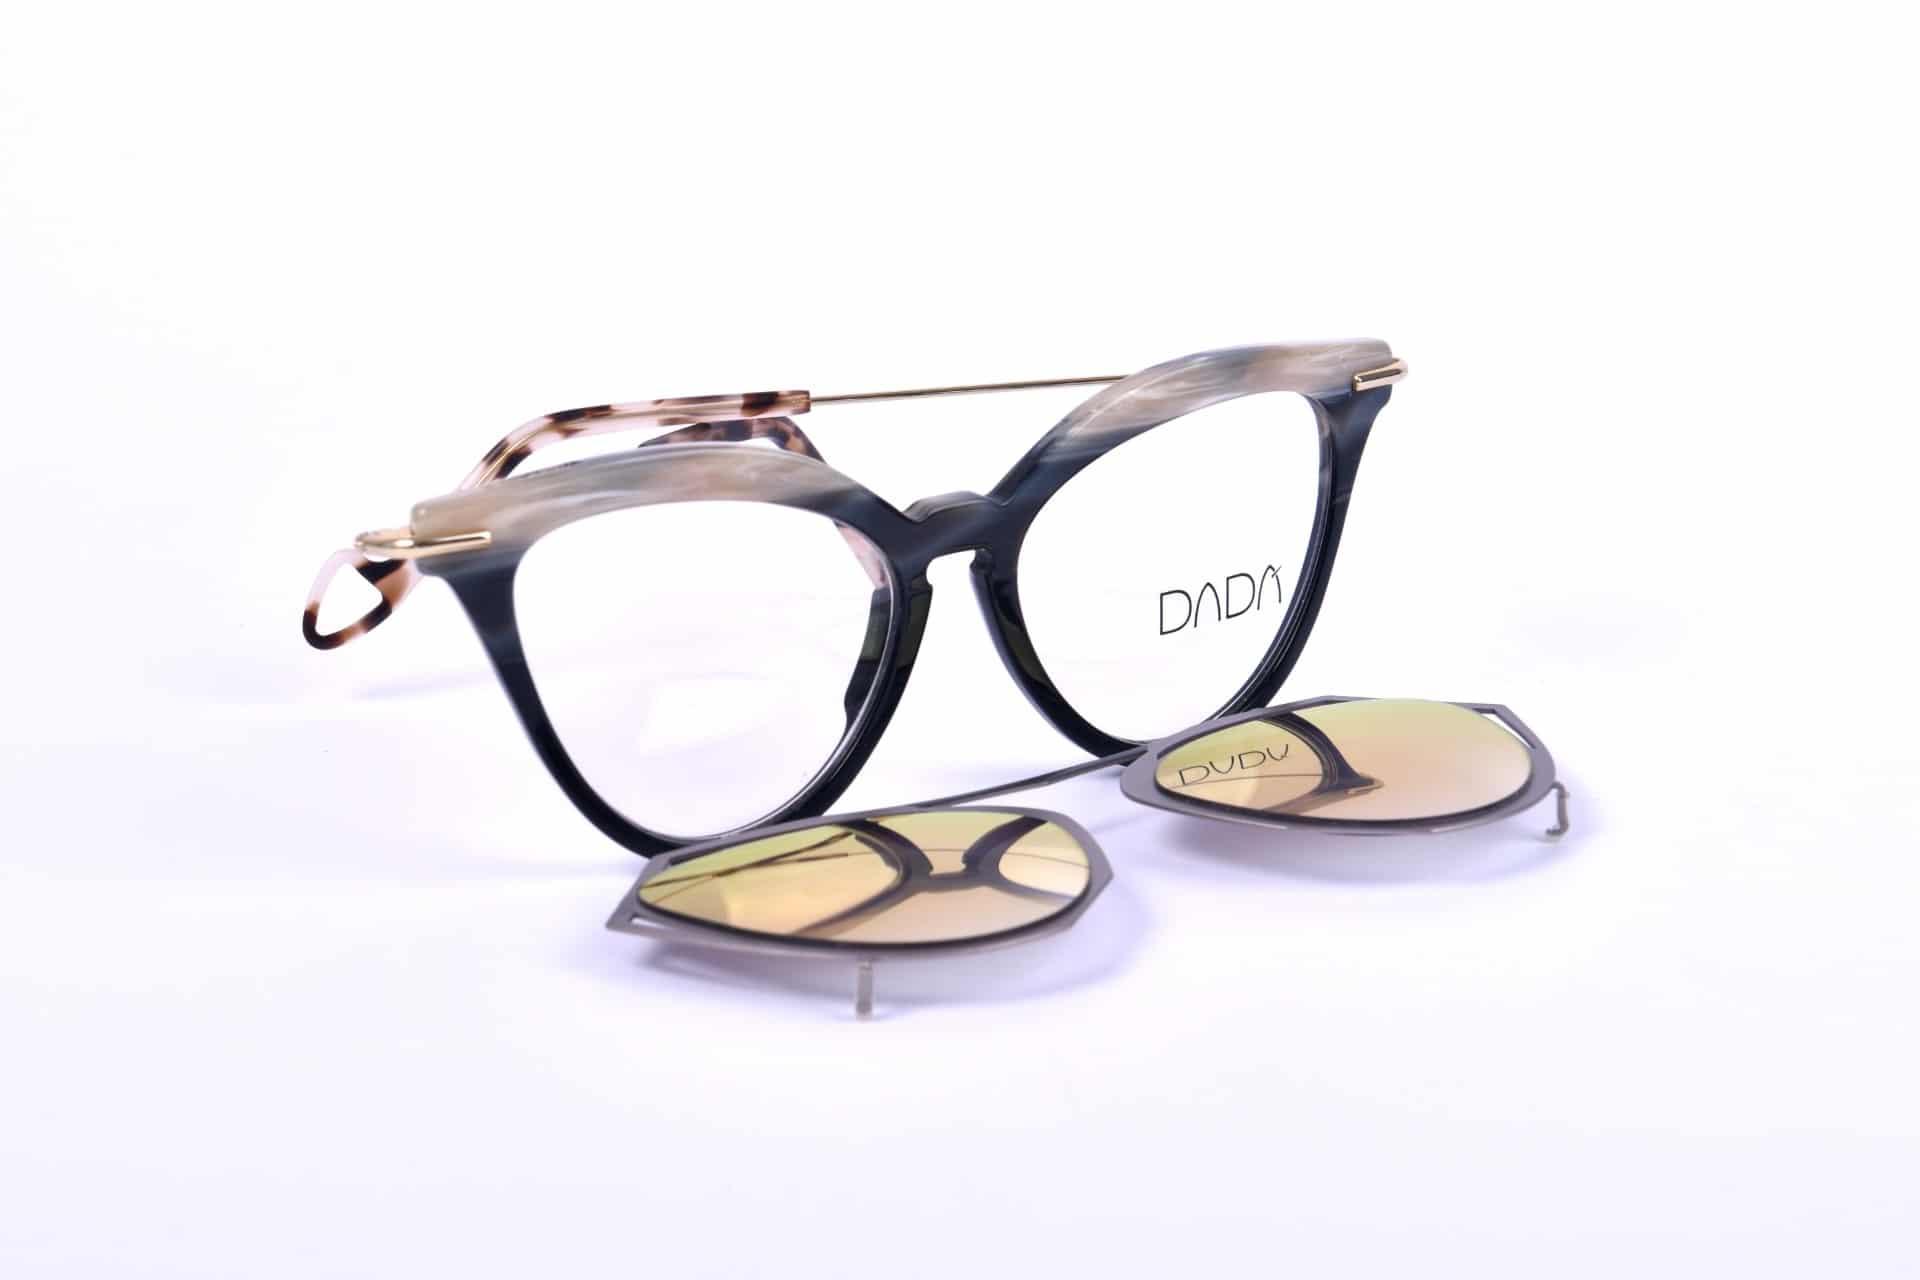 משקפי ראיה אופנתיות - אופטיקה יפעת, בדיקת אופטומטריסט